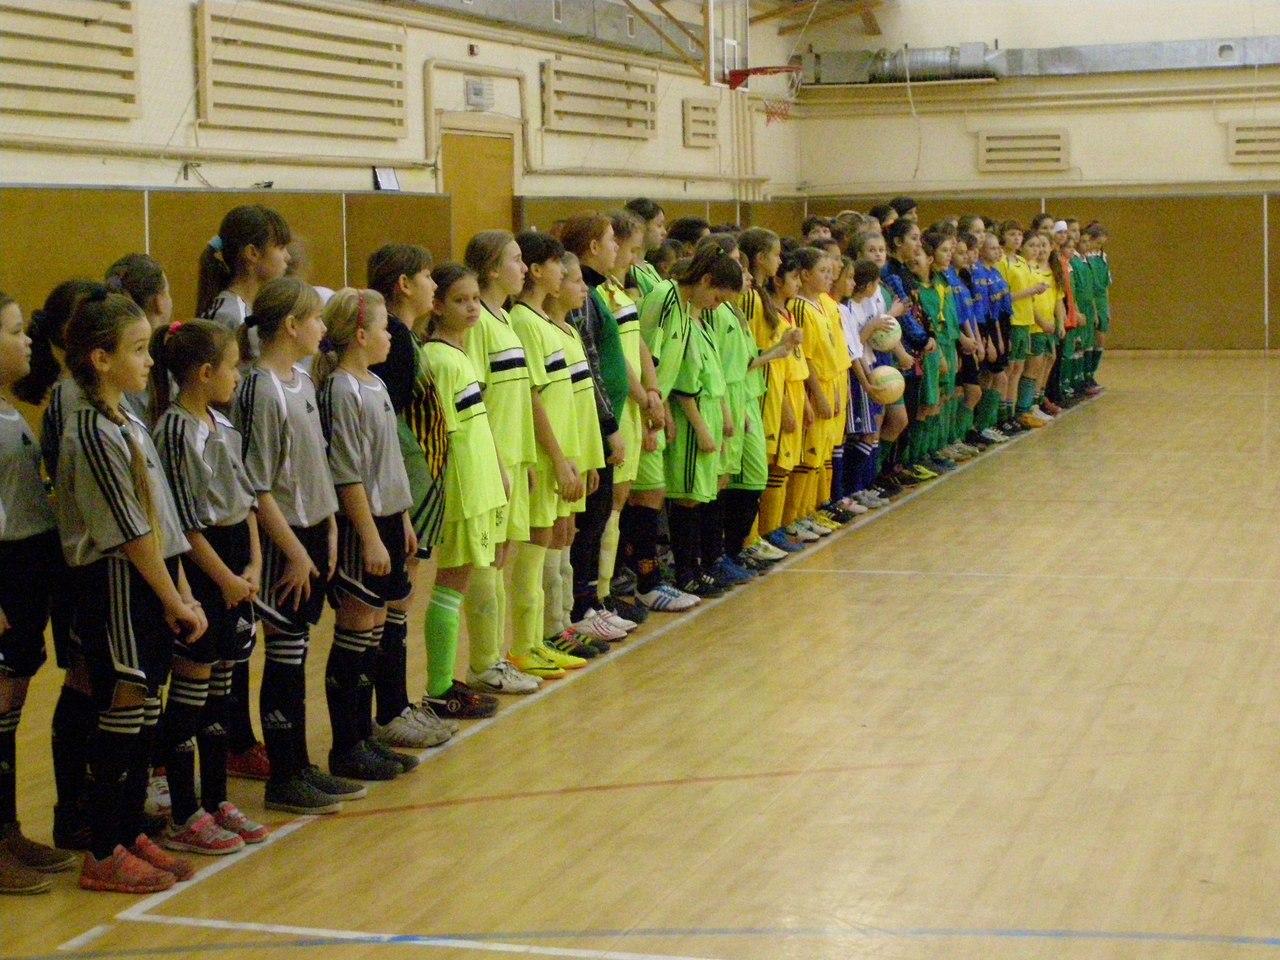 мини-футбол, АФУ, дівчата футзал, жіночий футзал, ЧУ 2001-2002, Умань, Кобеляки, женский футзал